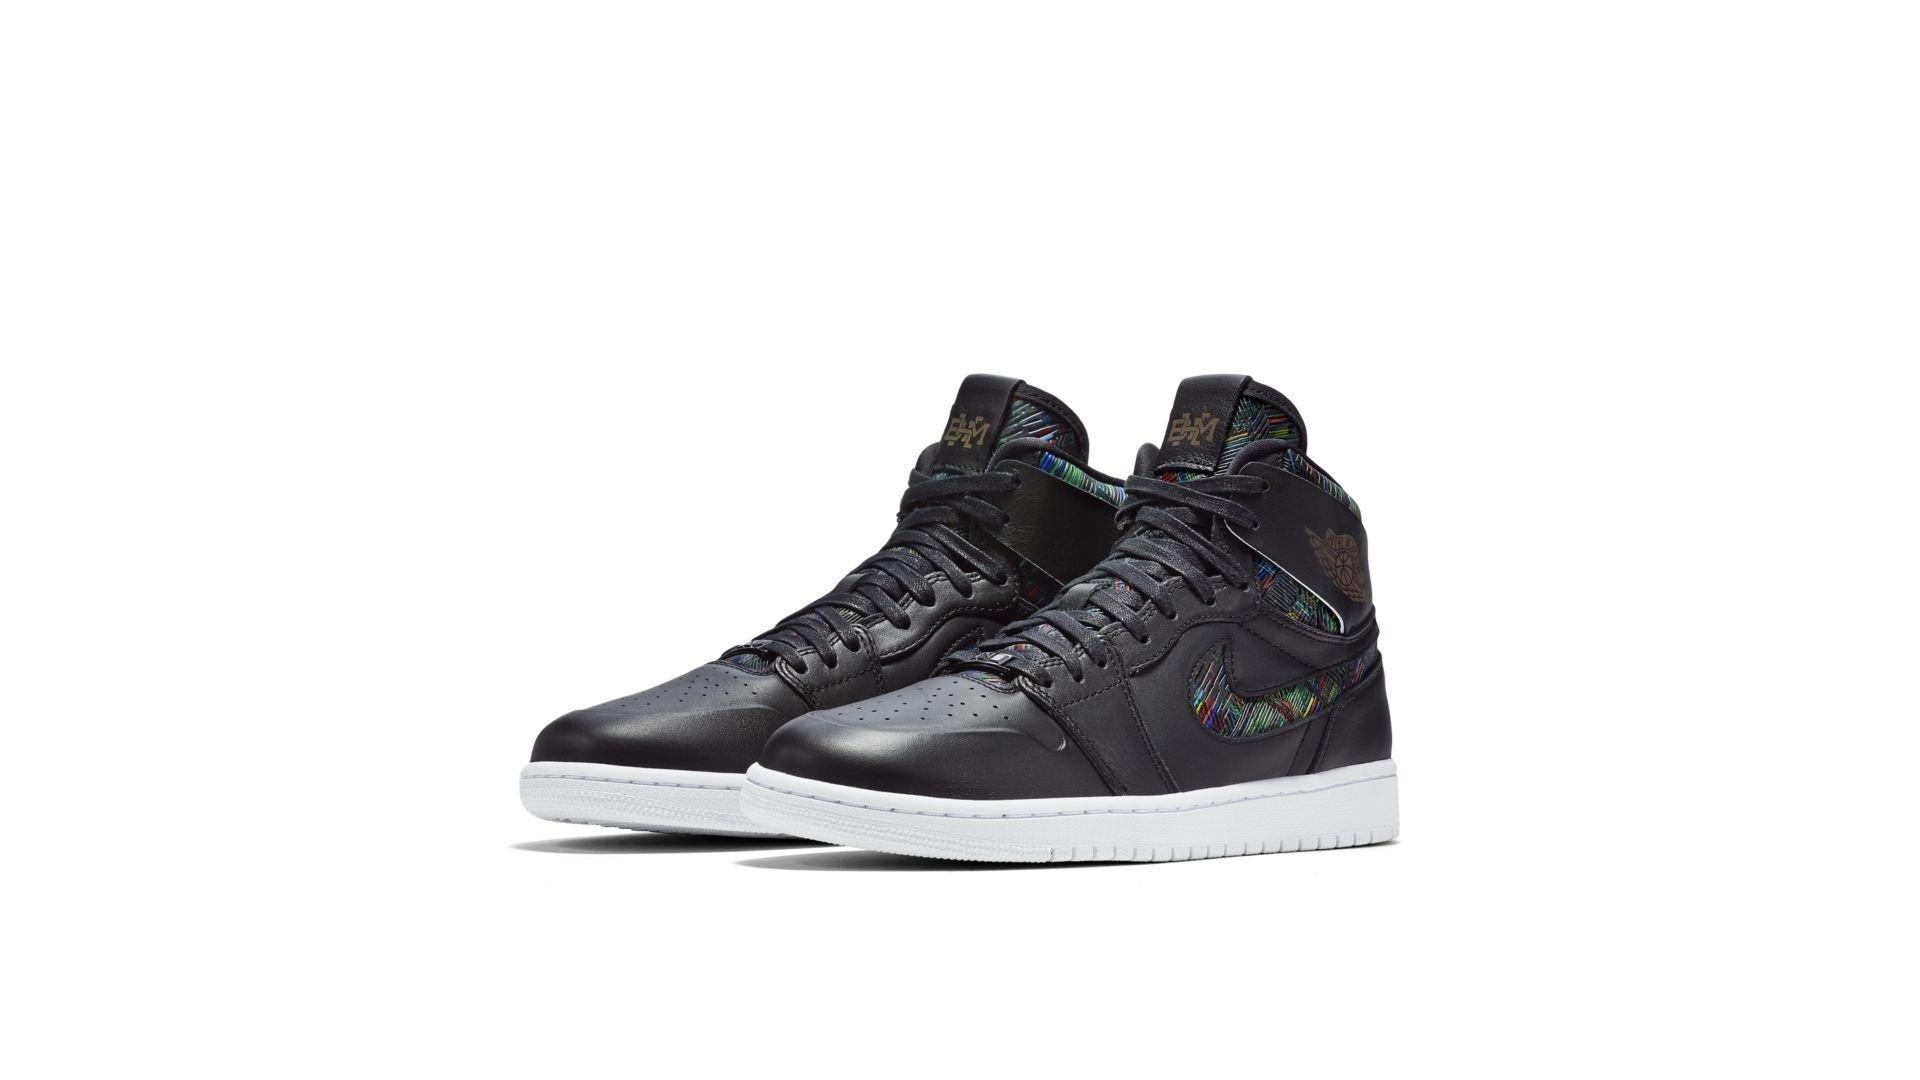 Jordan 1 Retro Nouveau BHM (2016) (836749-045)